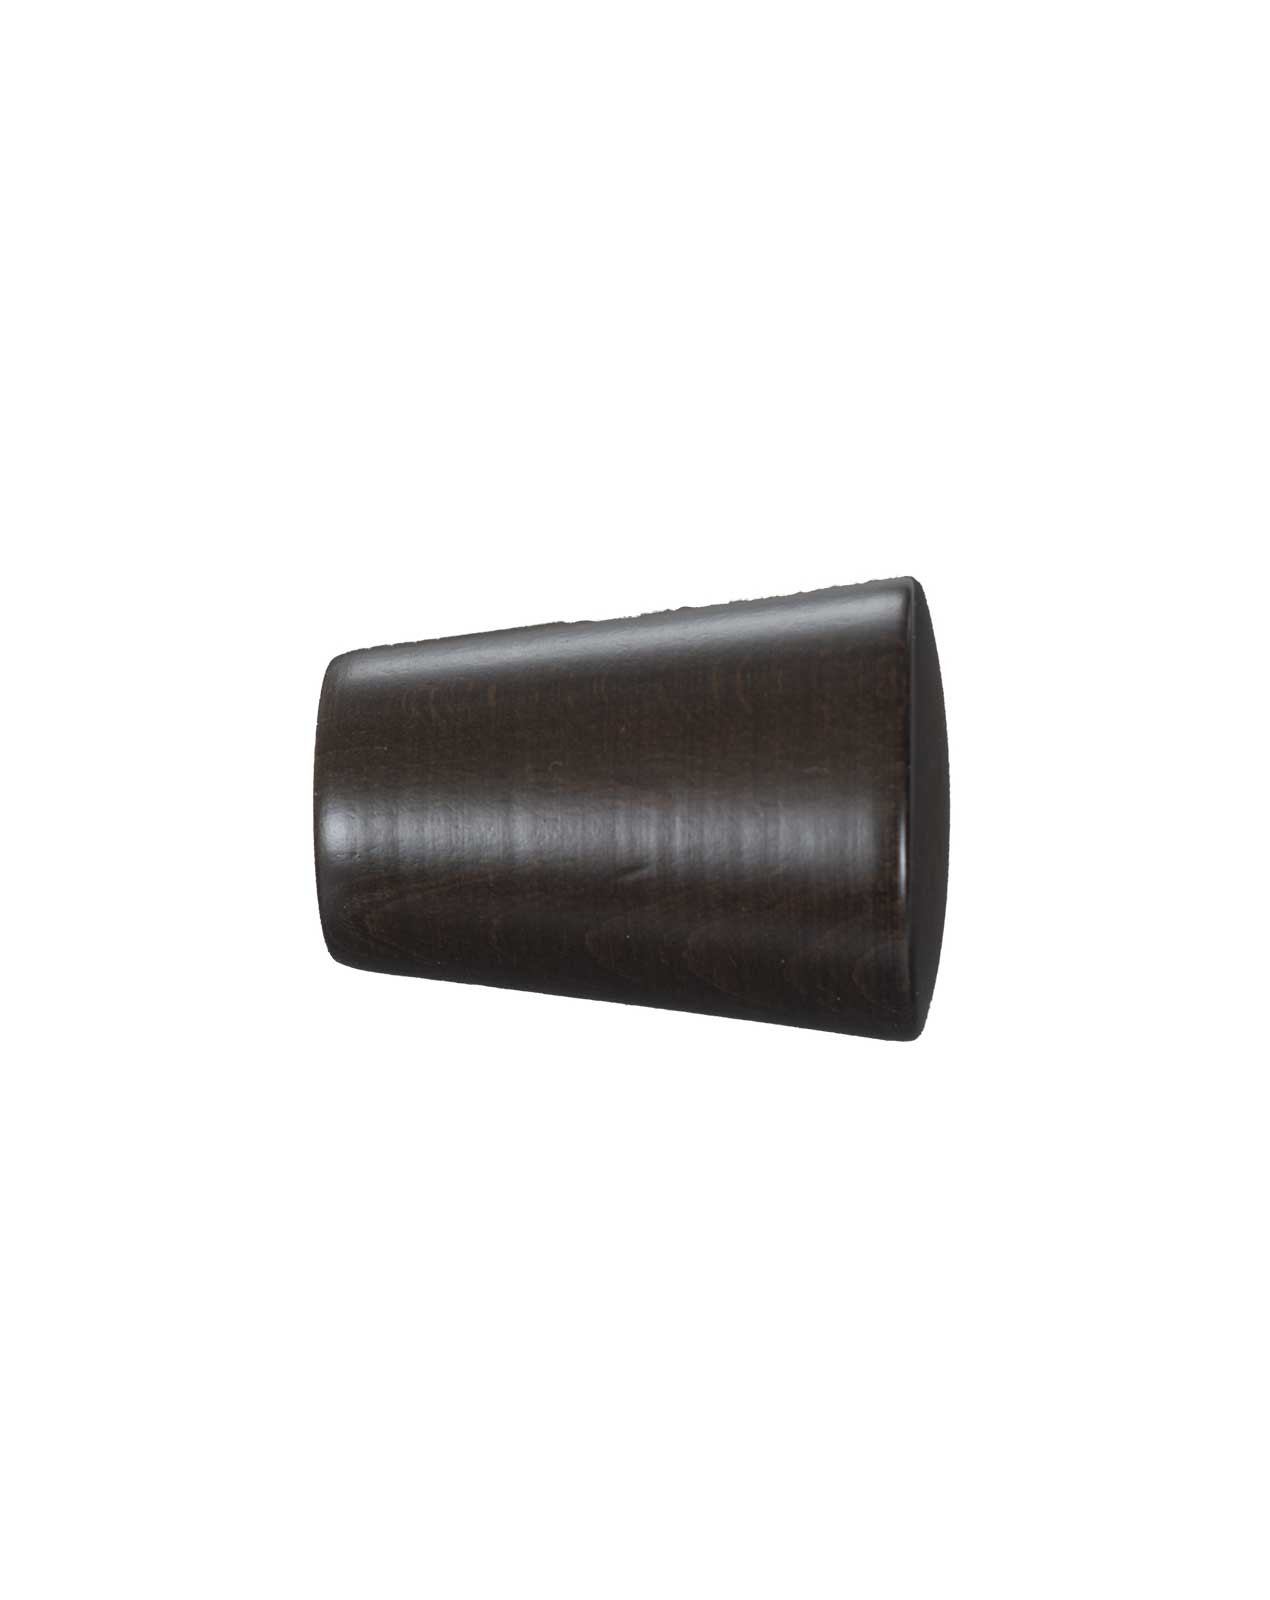 Knop Cono 19 mm sortbrun - 7523